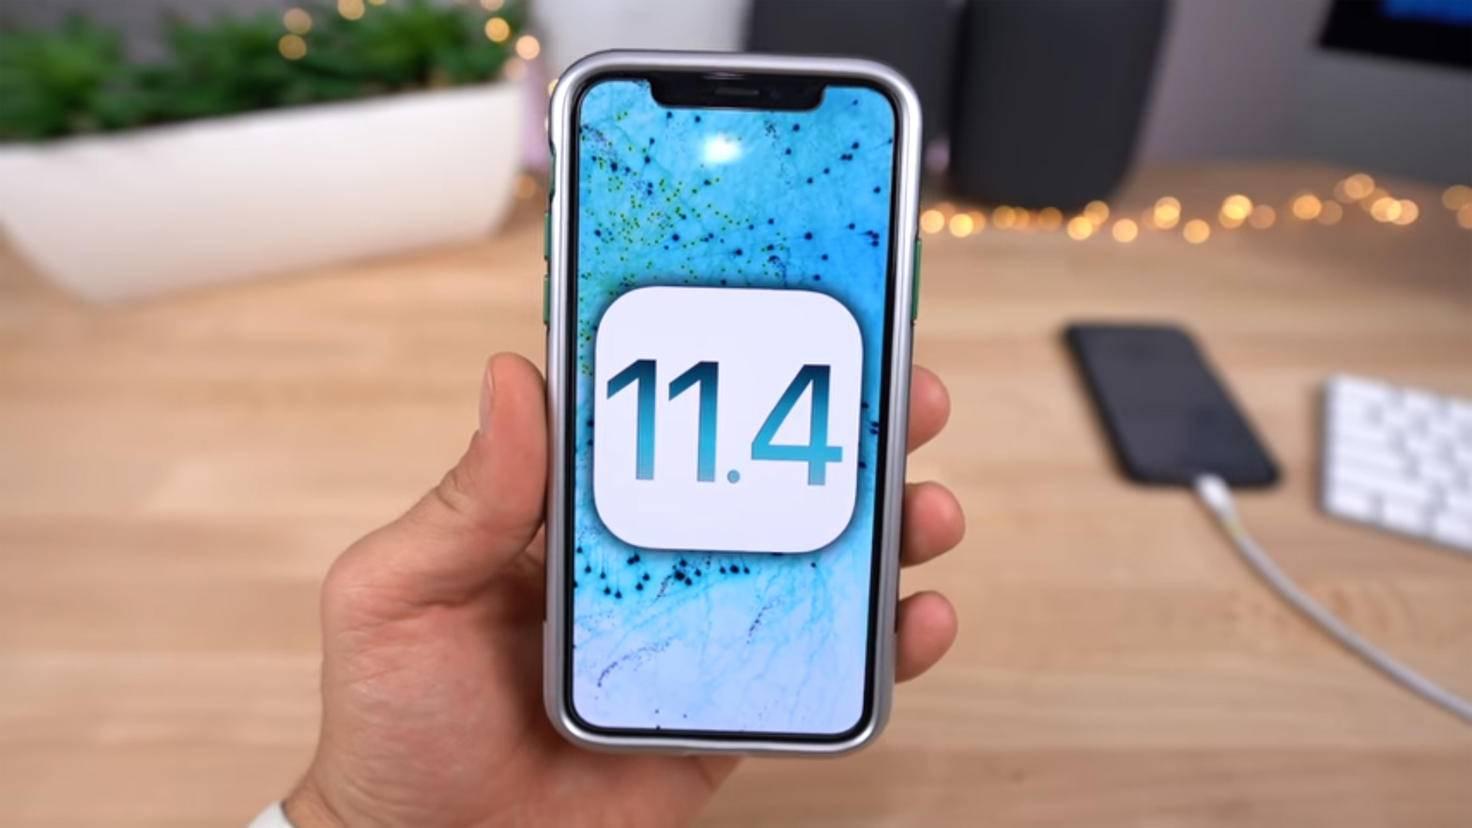 iOS 11.4